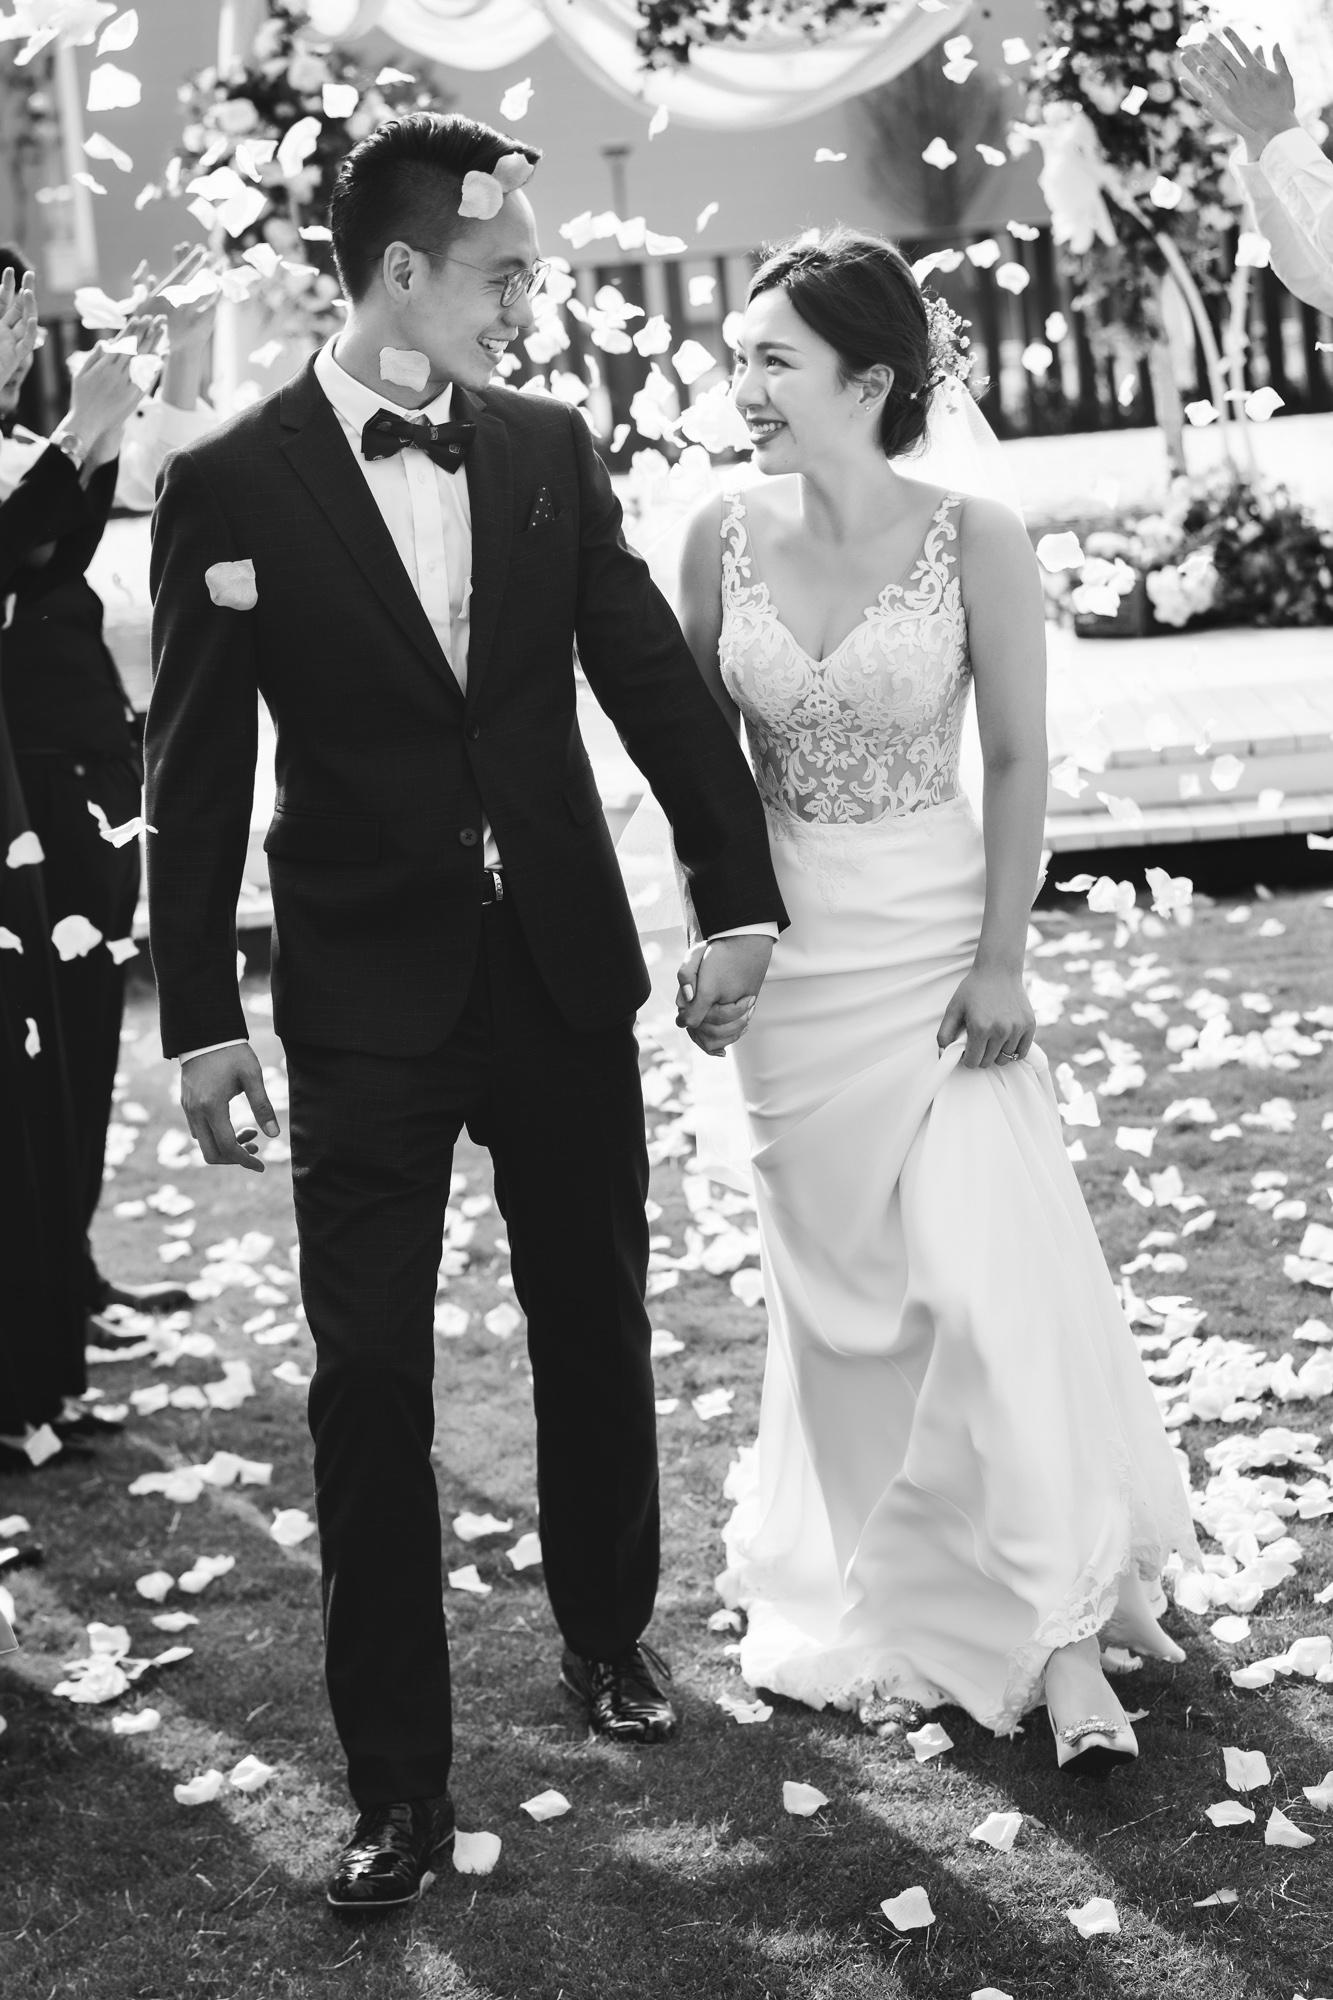 Sherry x Swach 2018.05.12 Wedding@Wenzhou